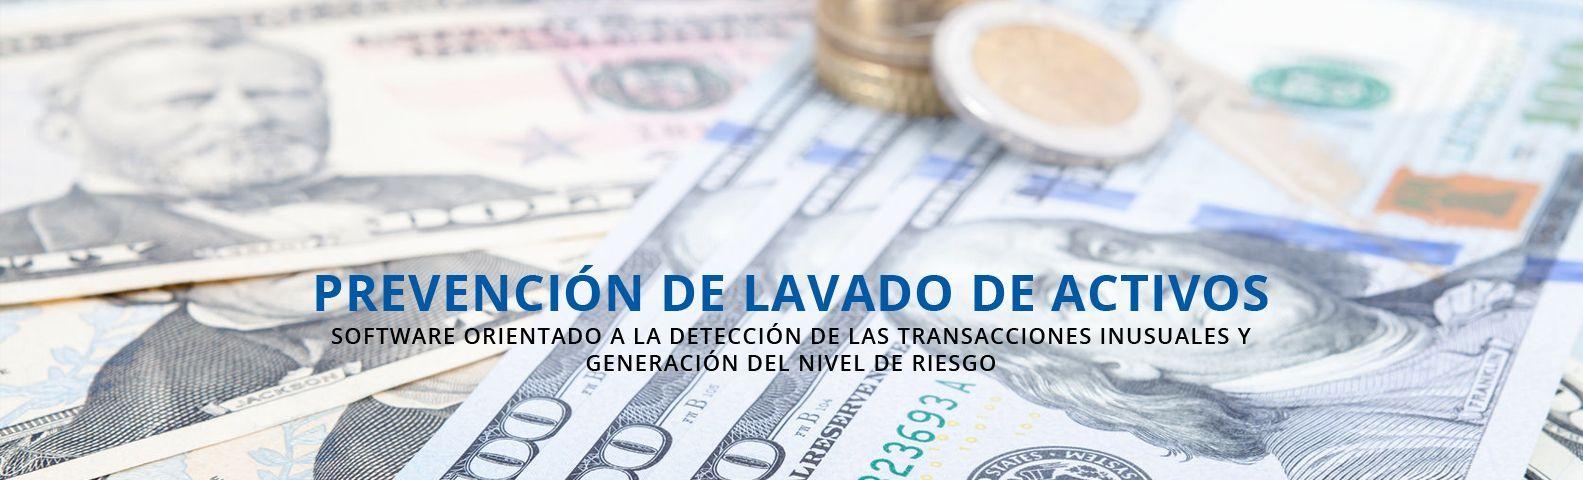 BNR LAVADO DE ACTIVOS 01